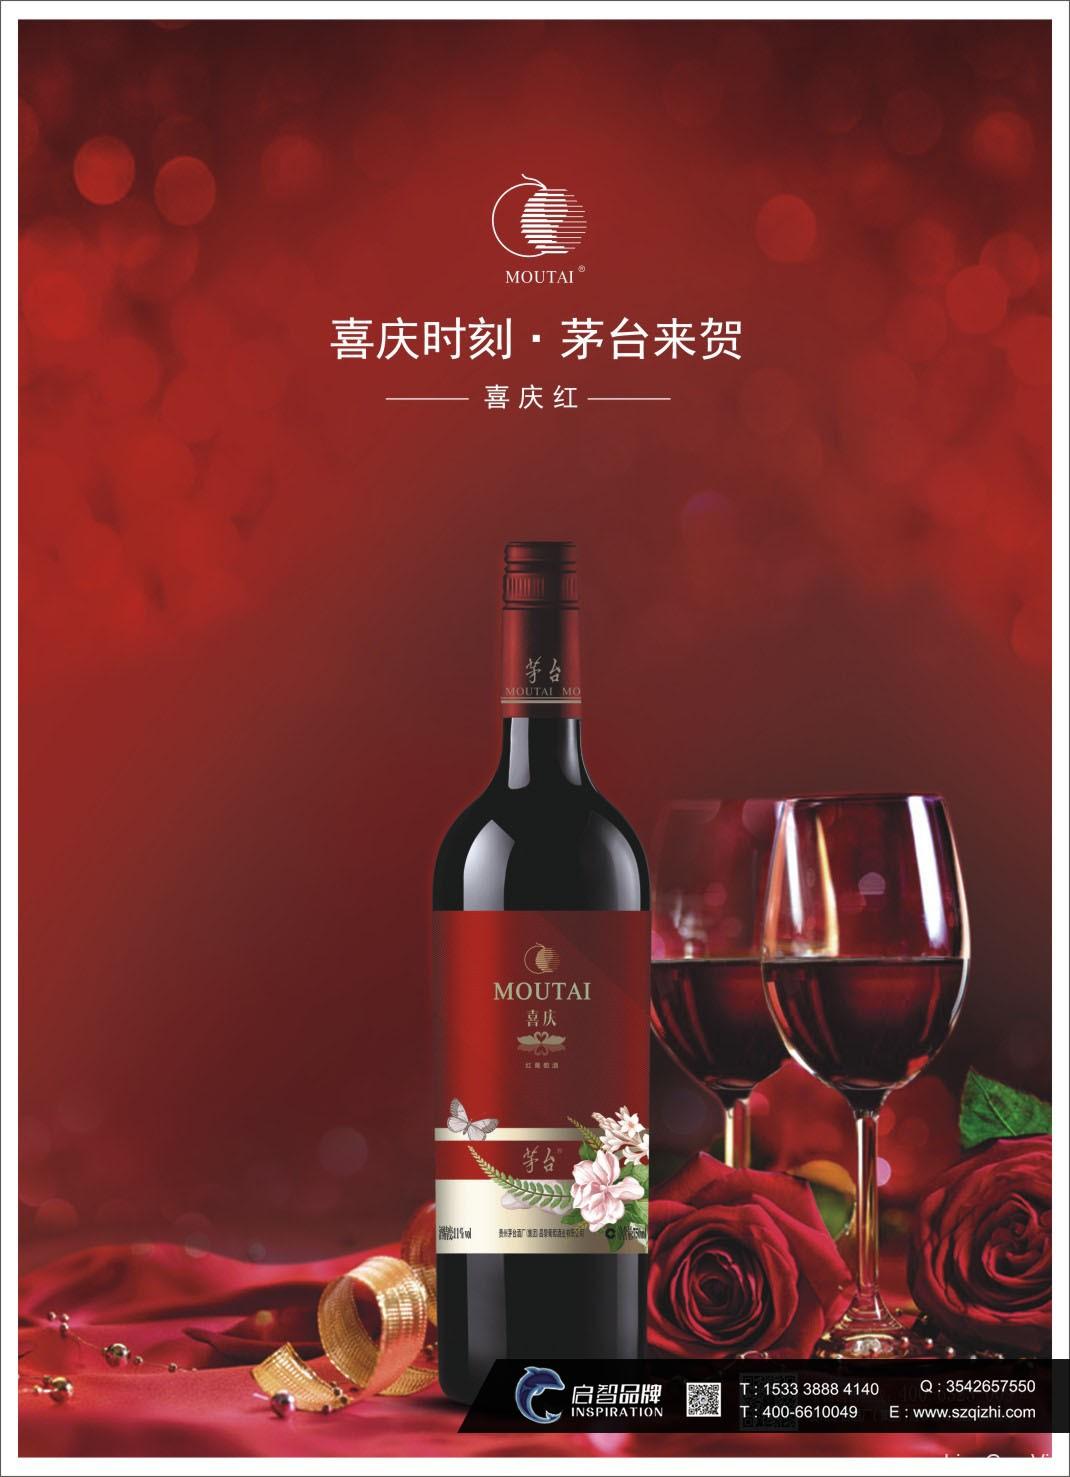 茅台红葡萄酒广告海报